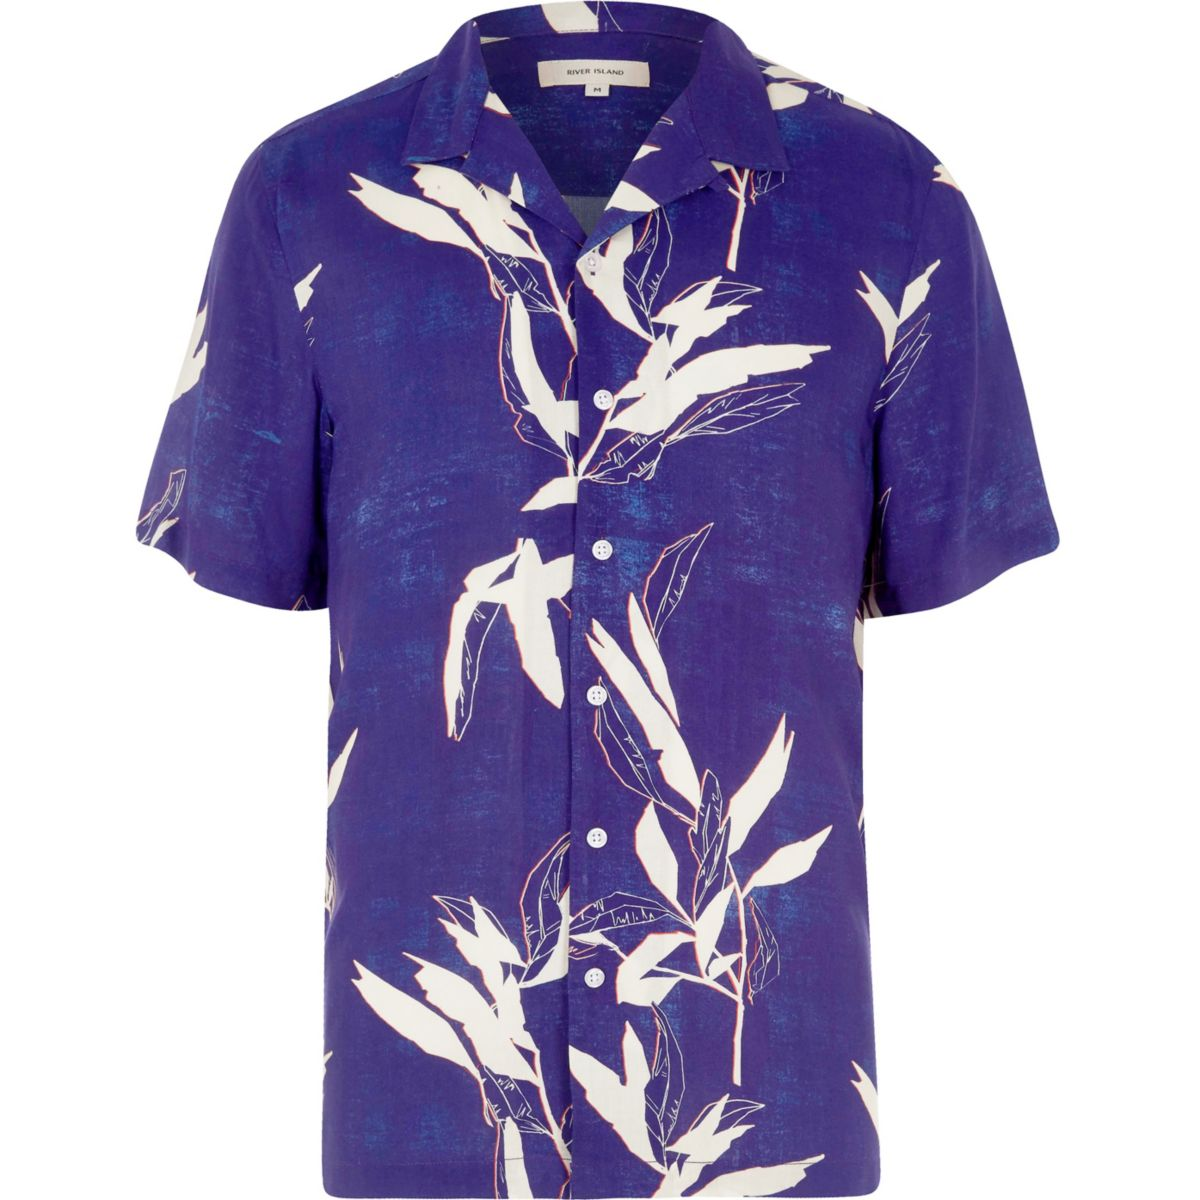 Blauw overhemd met korte mouwen, reverskraag en bladprint